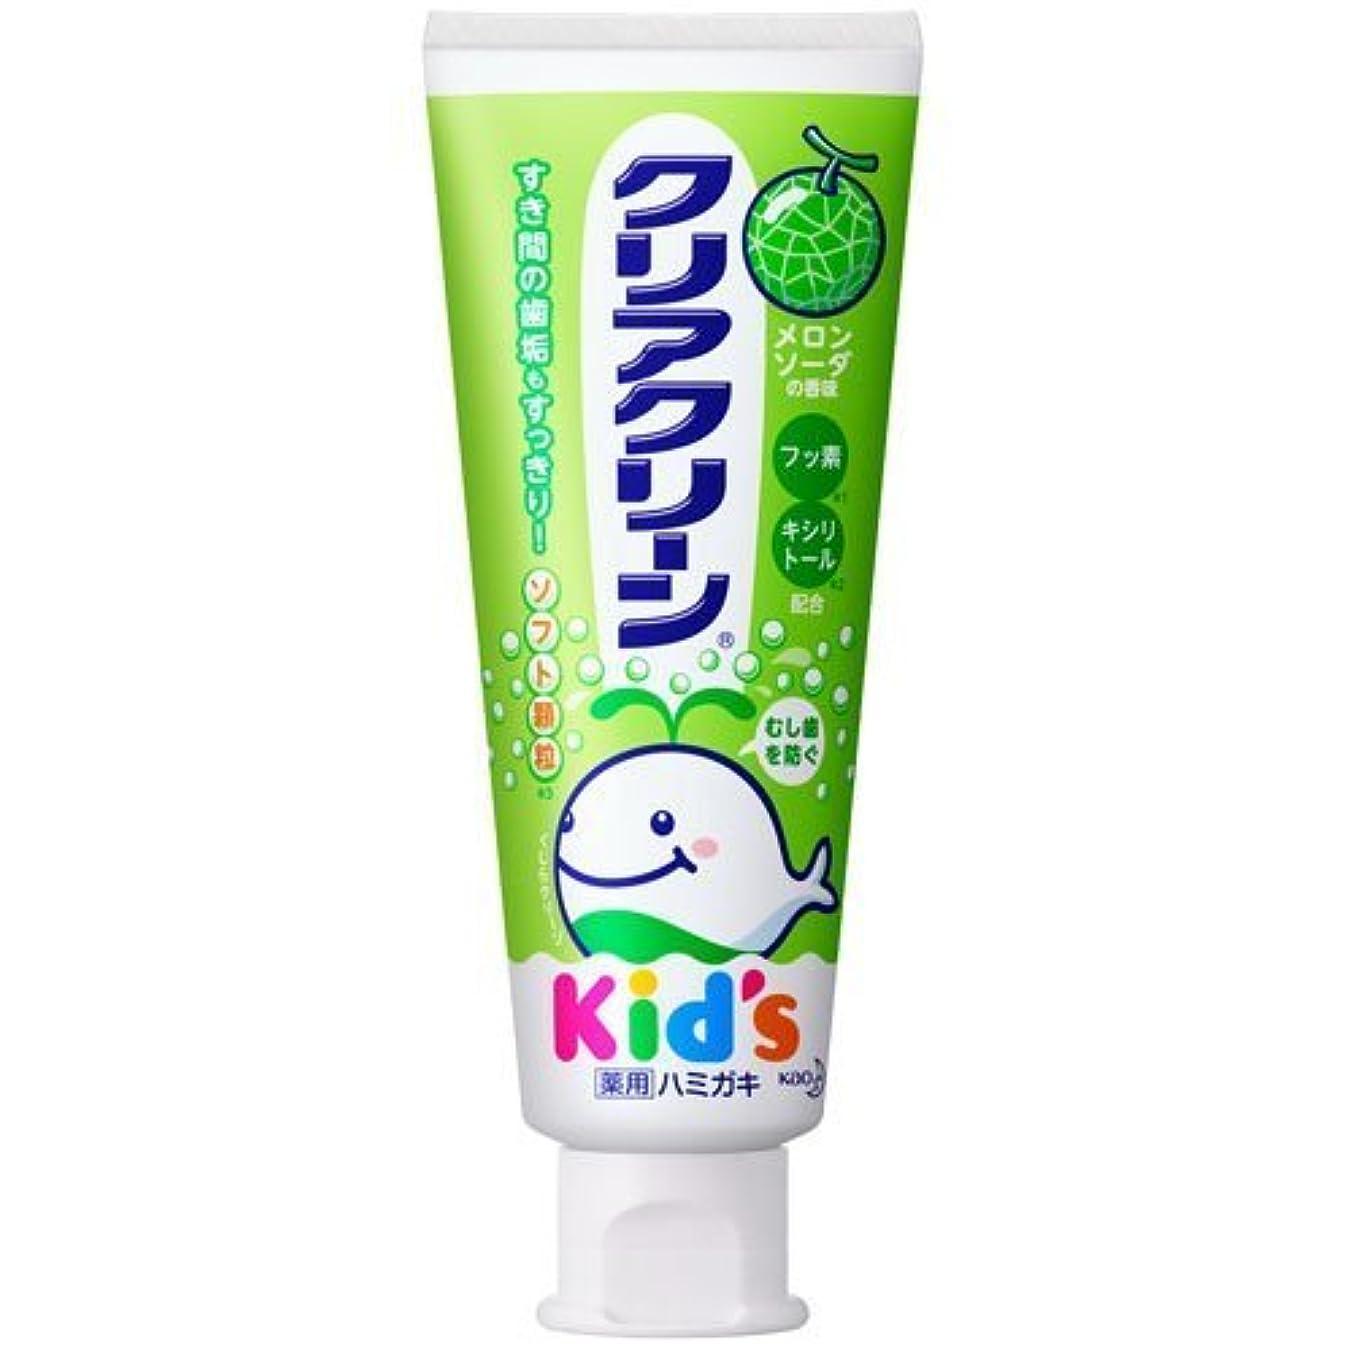 【花王】薬用クリアクリーンキッズ メロンソーダ 70g ×10個セット